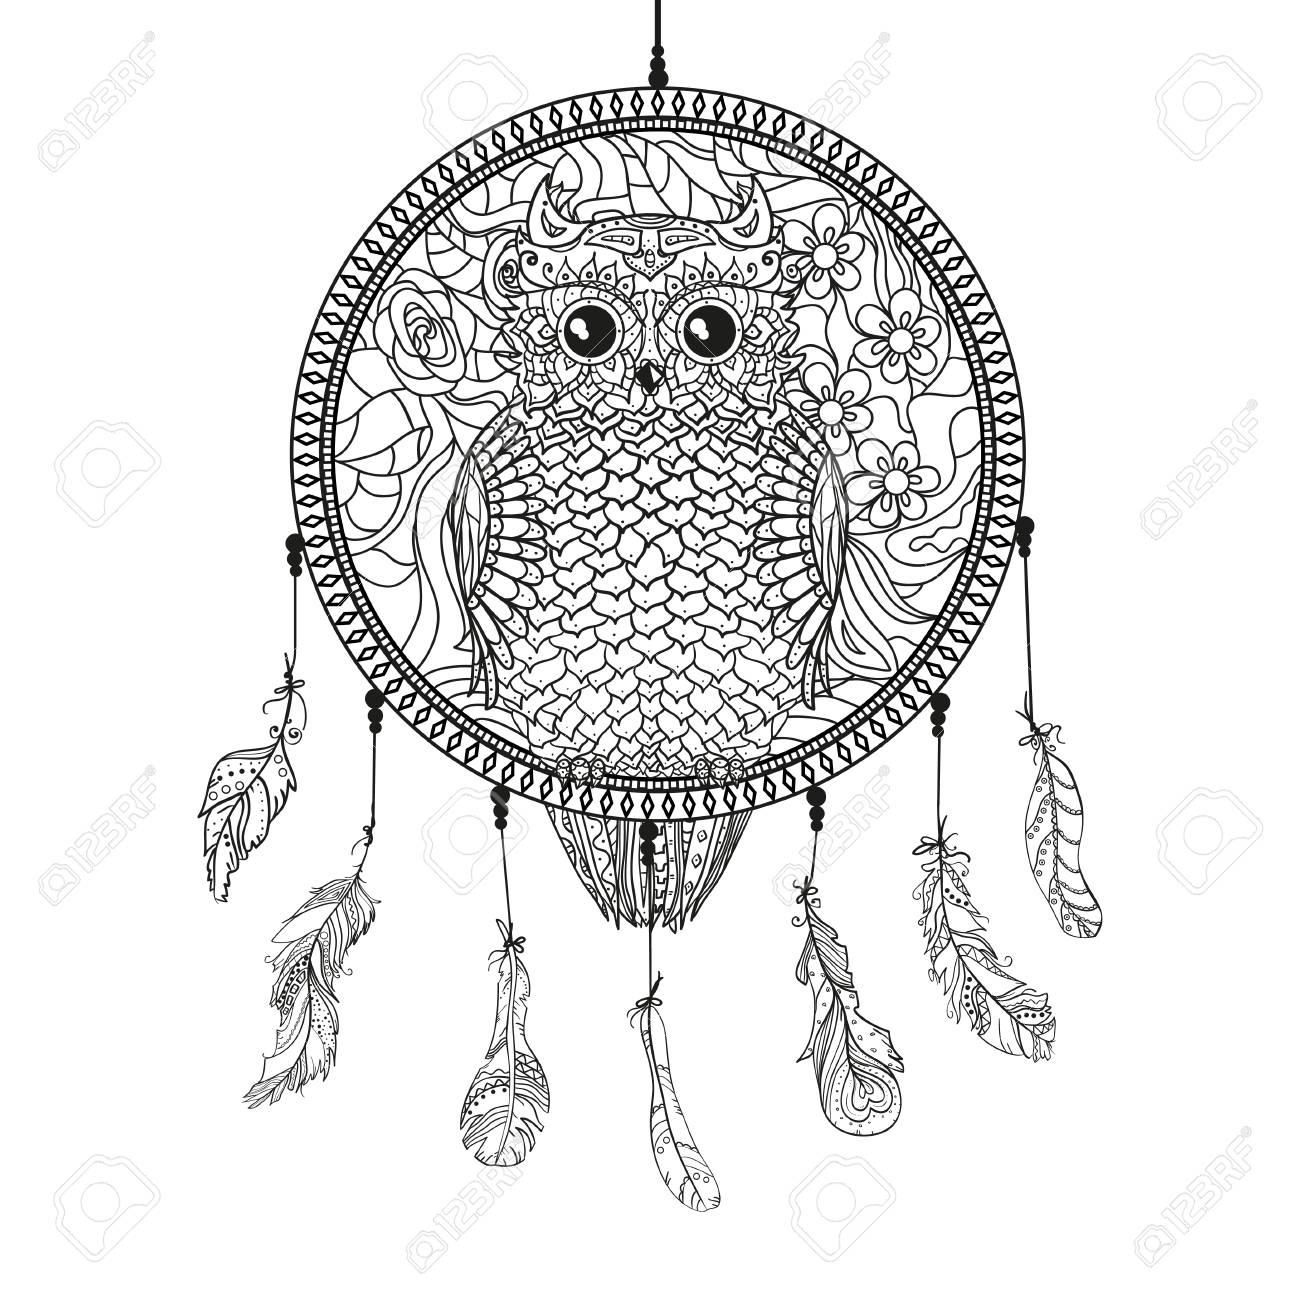 Atrapasueños Con Búho Arte Del Tatuaje Símbolo Místico Imprimir